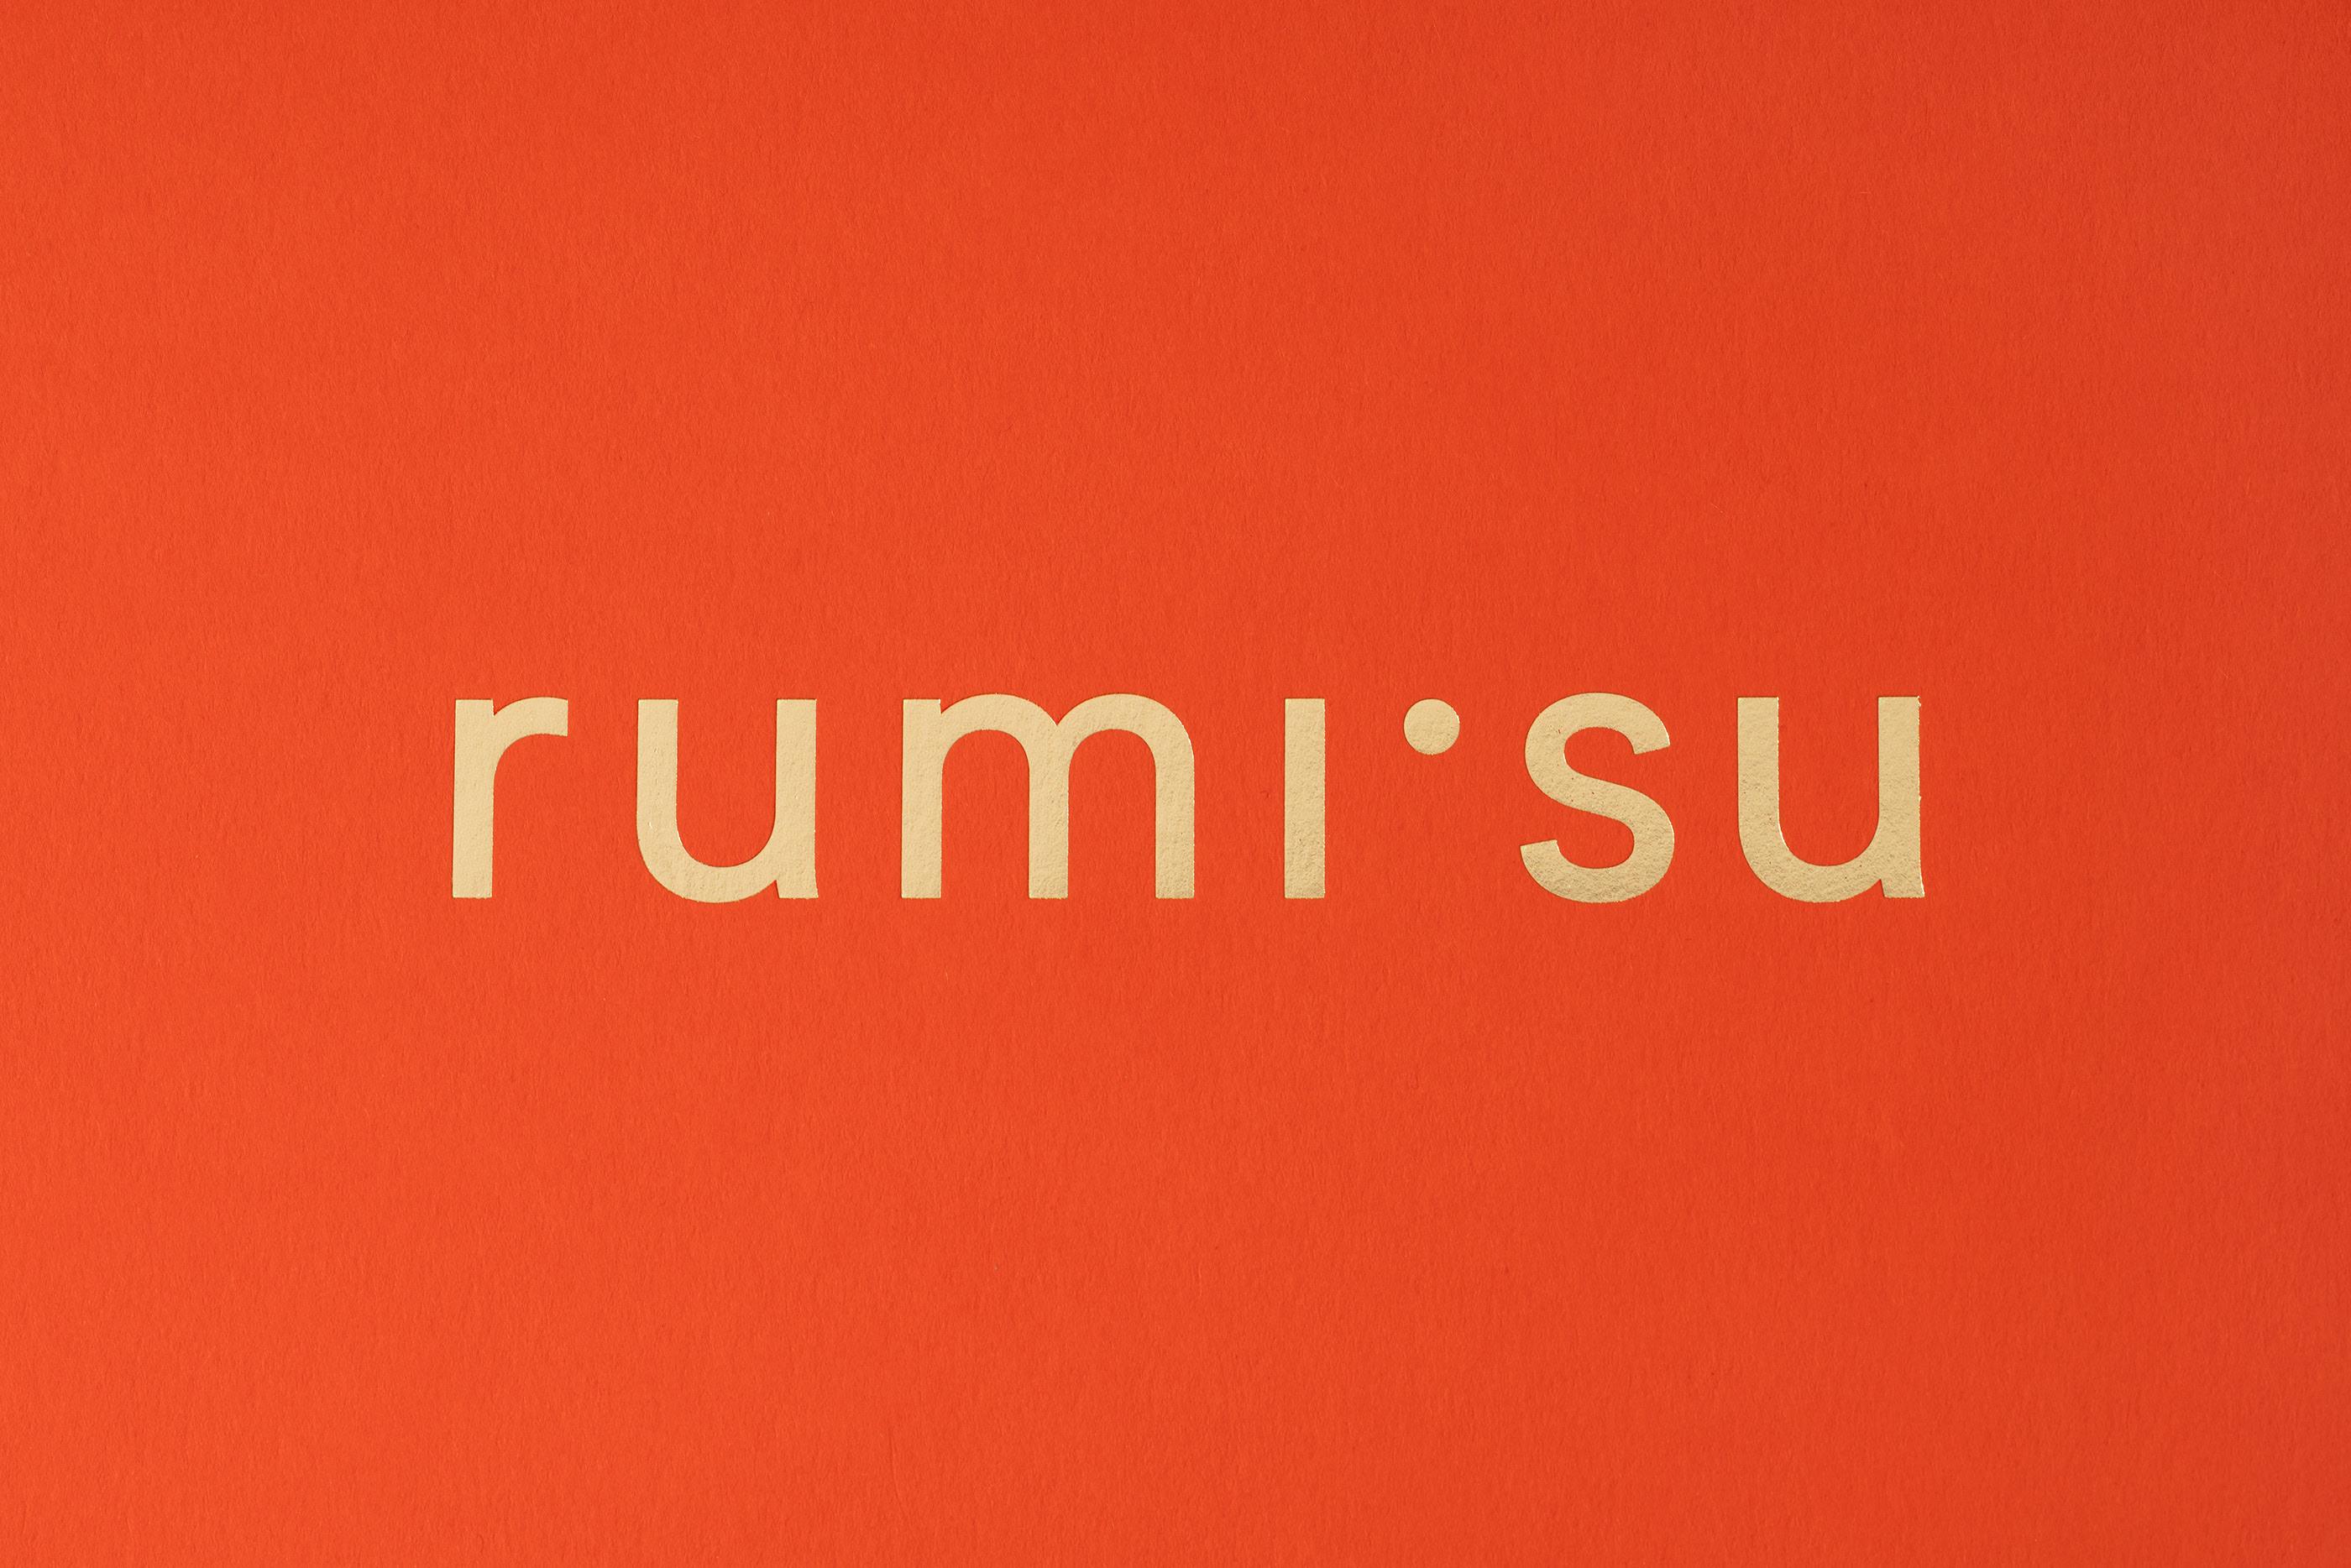 Rumisu原创设计配饰品牌的VI设计进行年轻化的品牌塑造-品牌VI设计3